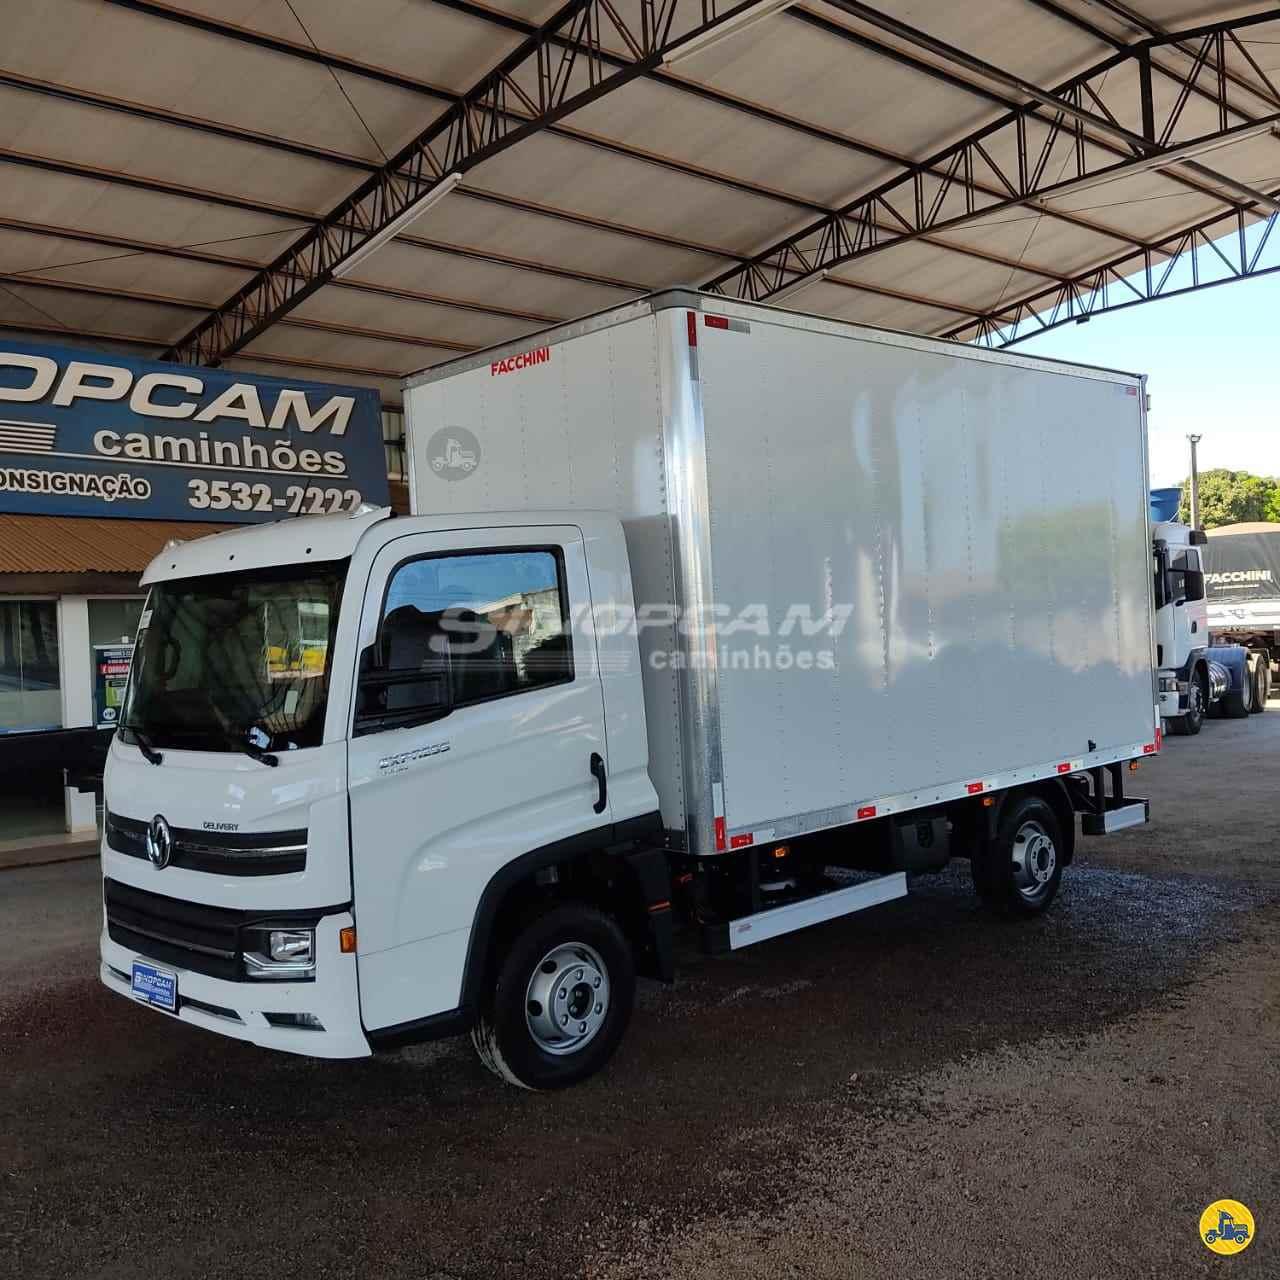 DELIVERY EXPRESS de SinopCam Caminhões - SINOP/MT